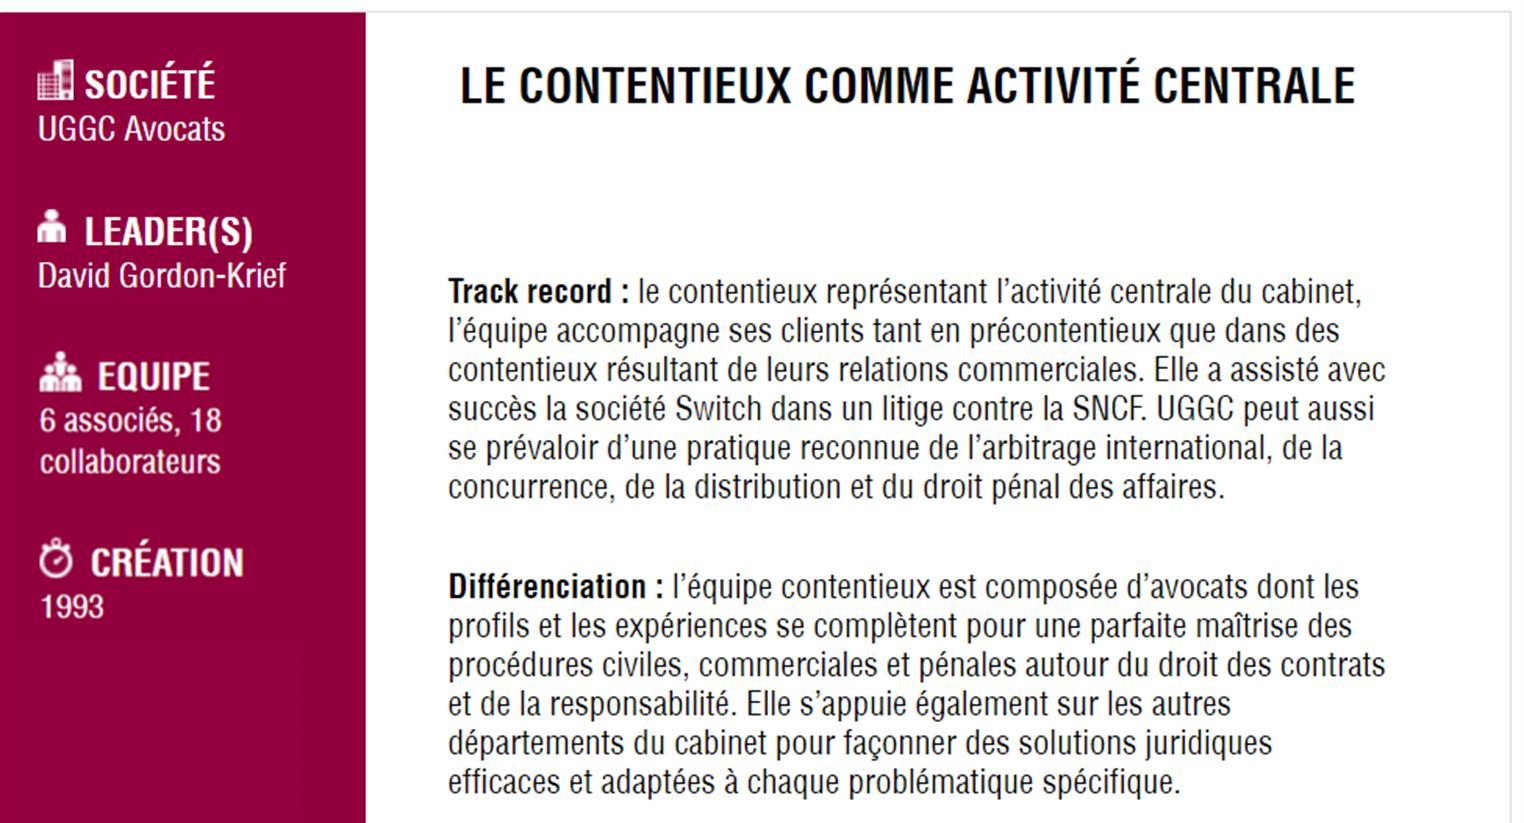 UGGC - Contentieux